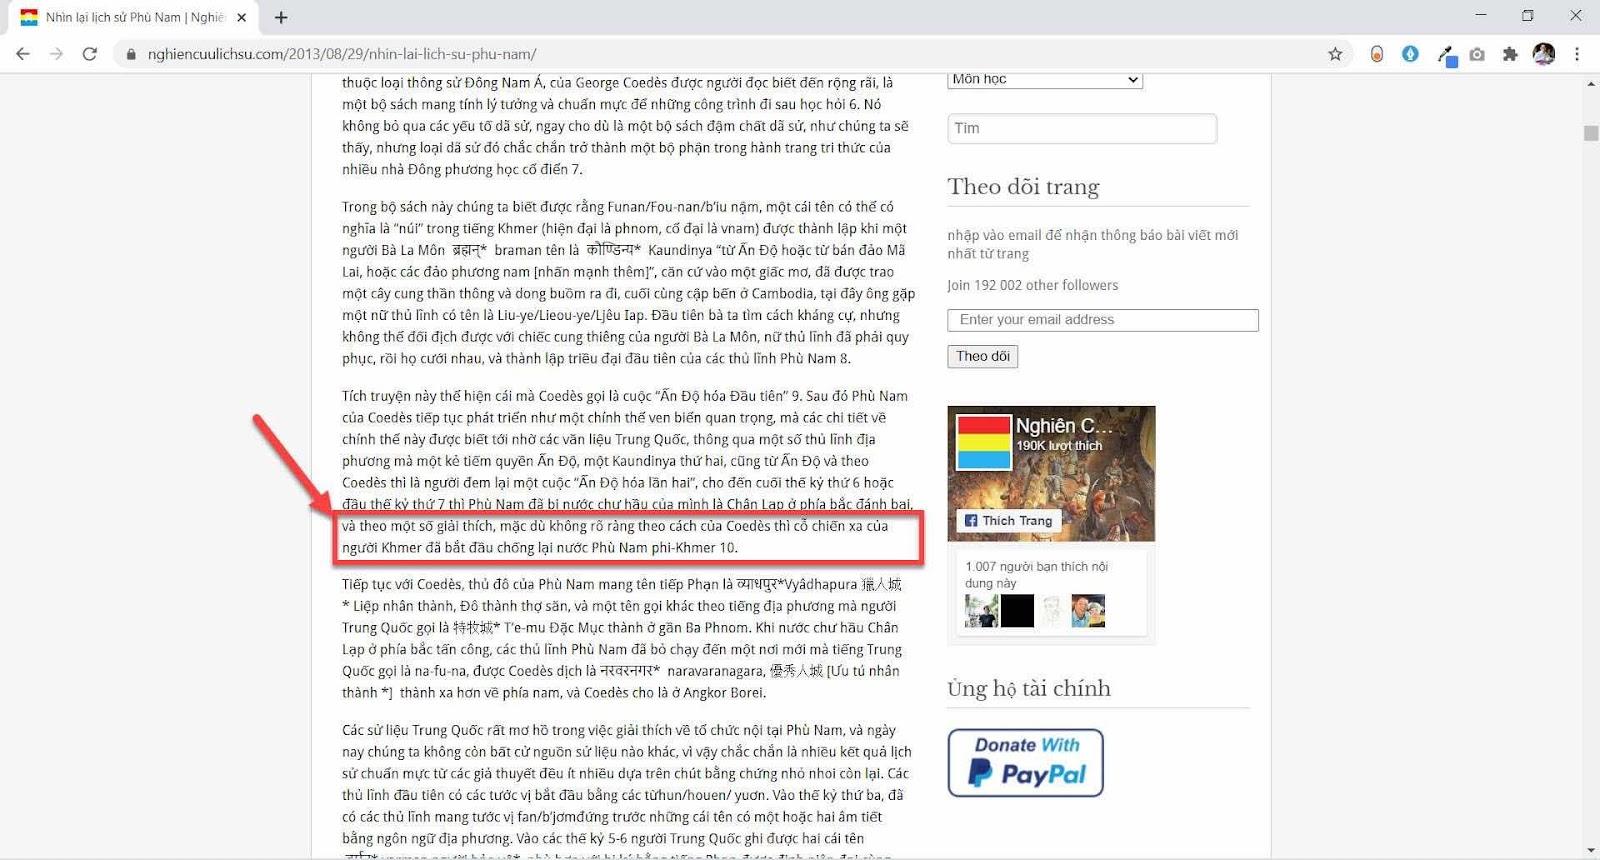 Một ví dụ mà mình nghĩ thầy TS Hà Hữu Nga cũng đã dịch sai trong dịch phẩm Nhìn lại lịch sử Phù Nam